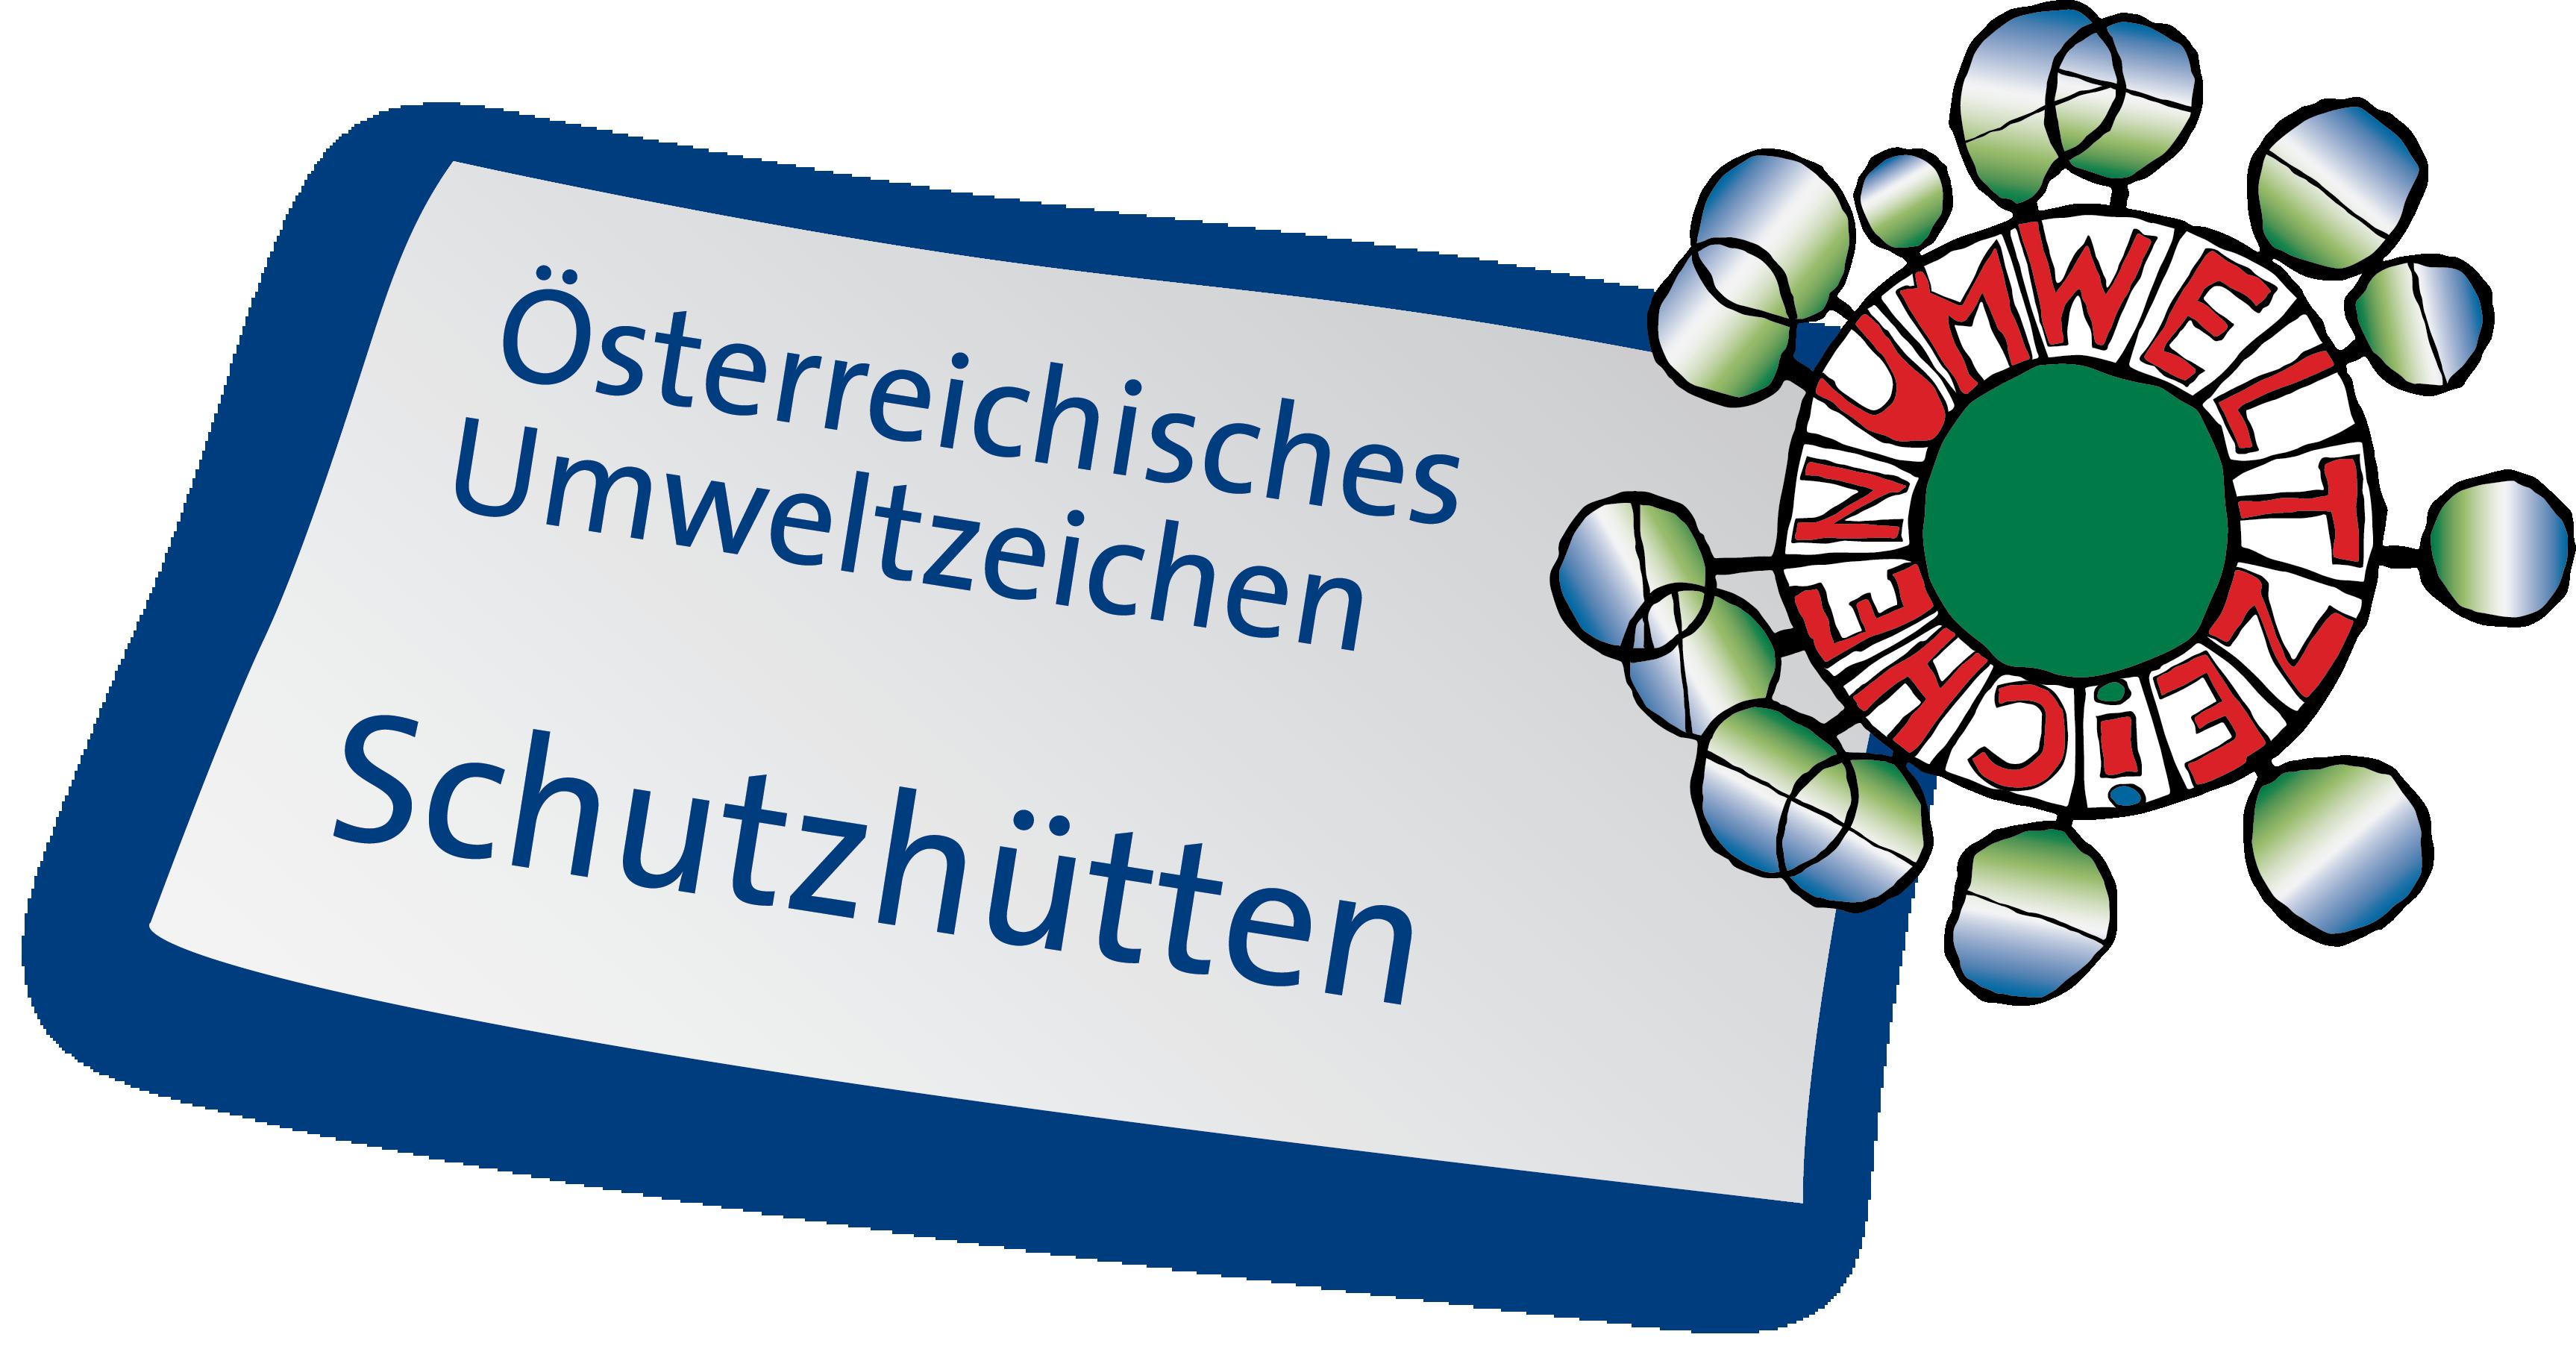 Österreichisches Umweltzeichen SCHUTZHÜTTEN-Logo